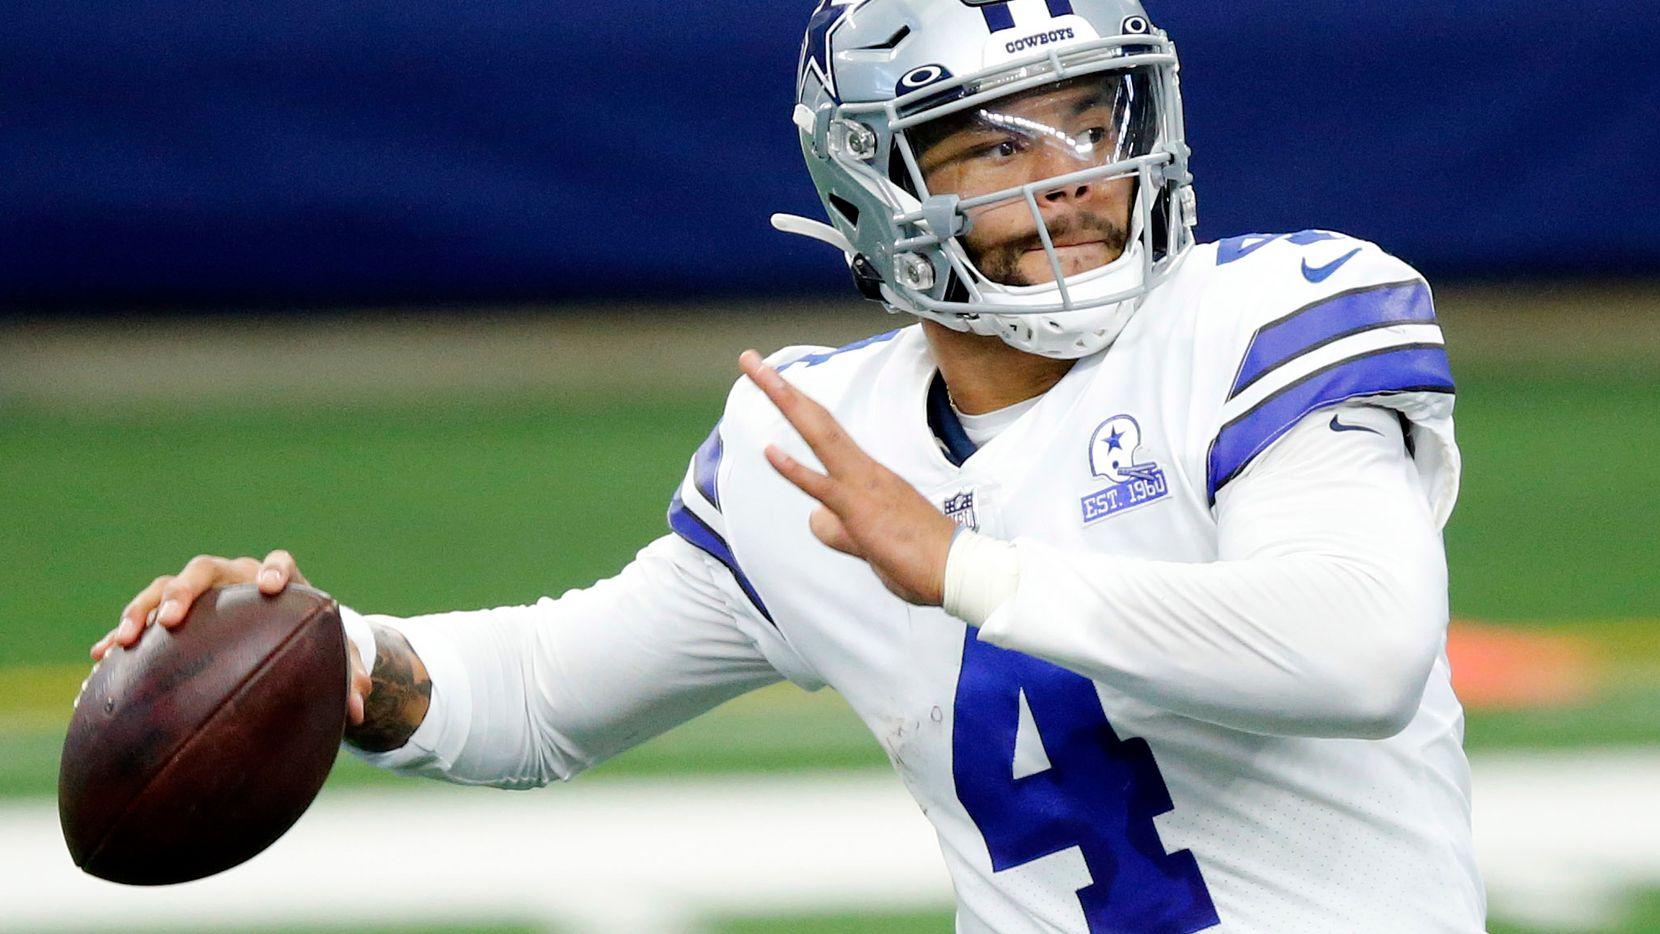 El mariscal de los Cowboys de Dallas, Dak Prescott, lanza un pase contra los Browns de Cleveland, el 4 de octubre de 2020 en el AT&T Stadium de Arlington.